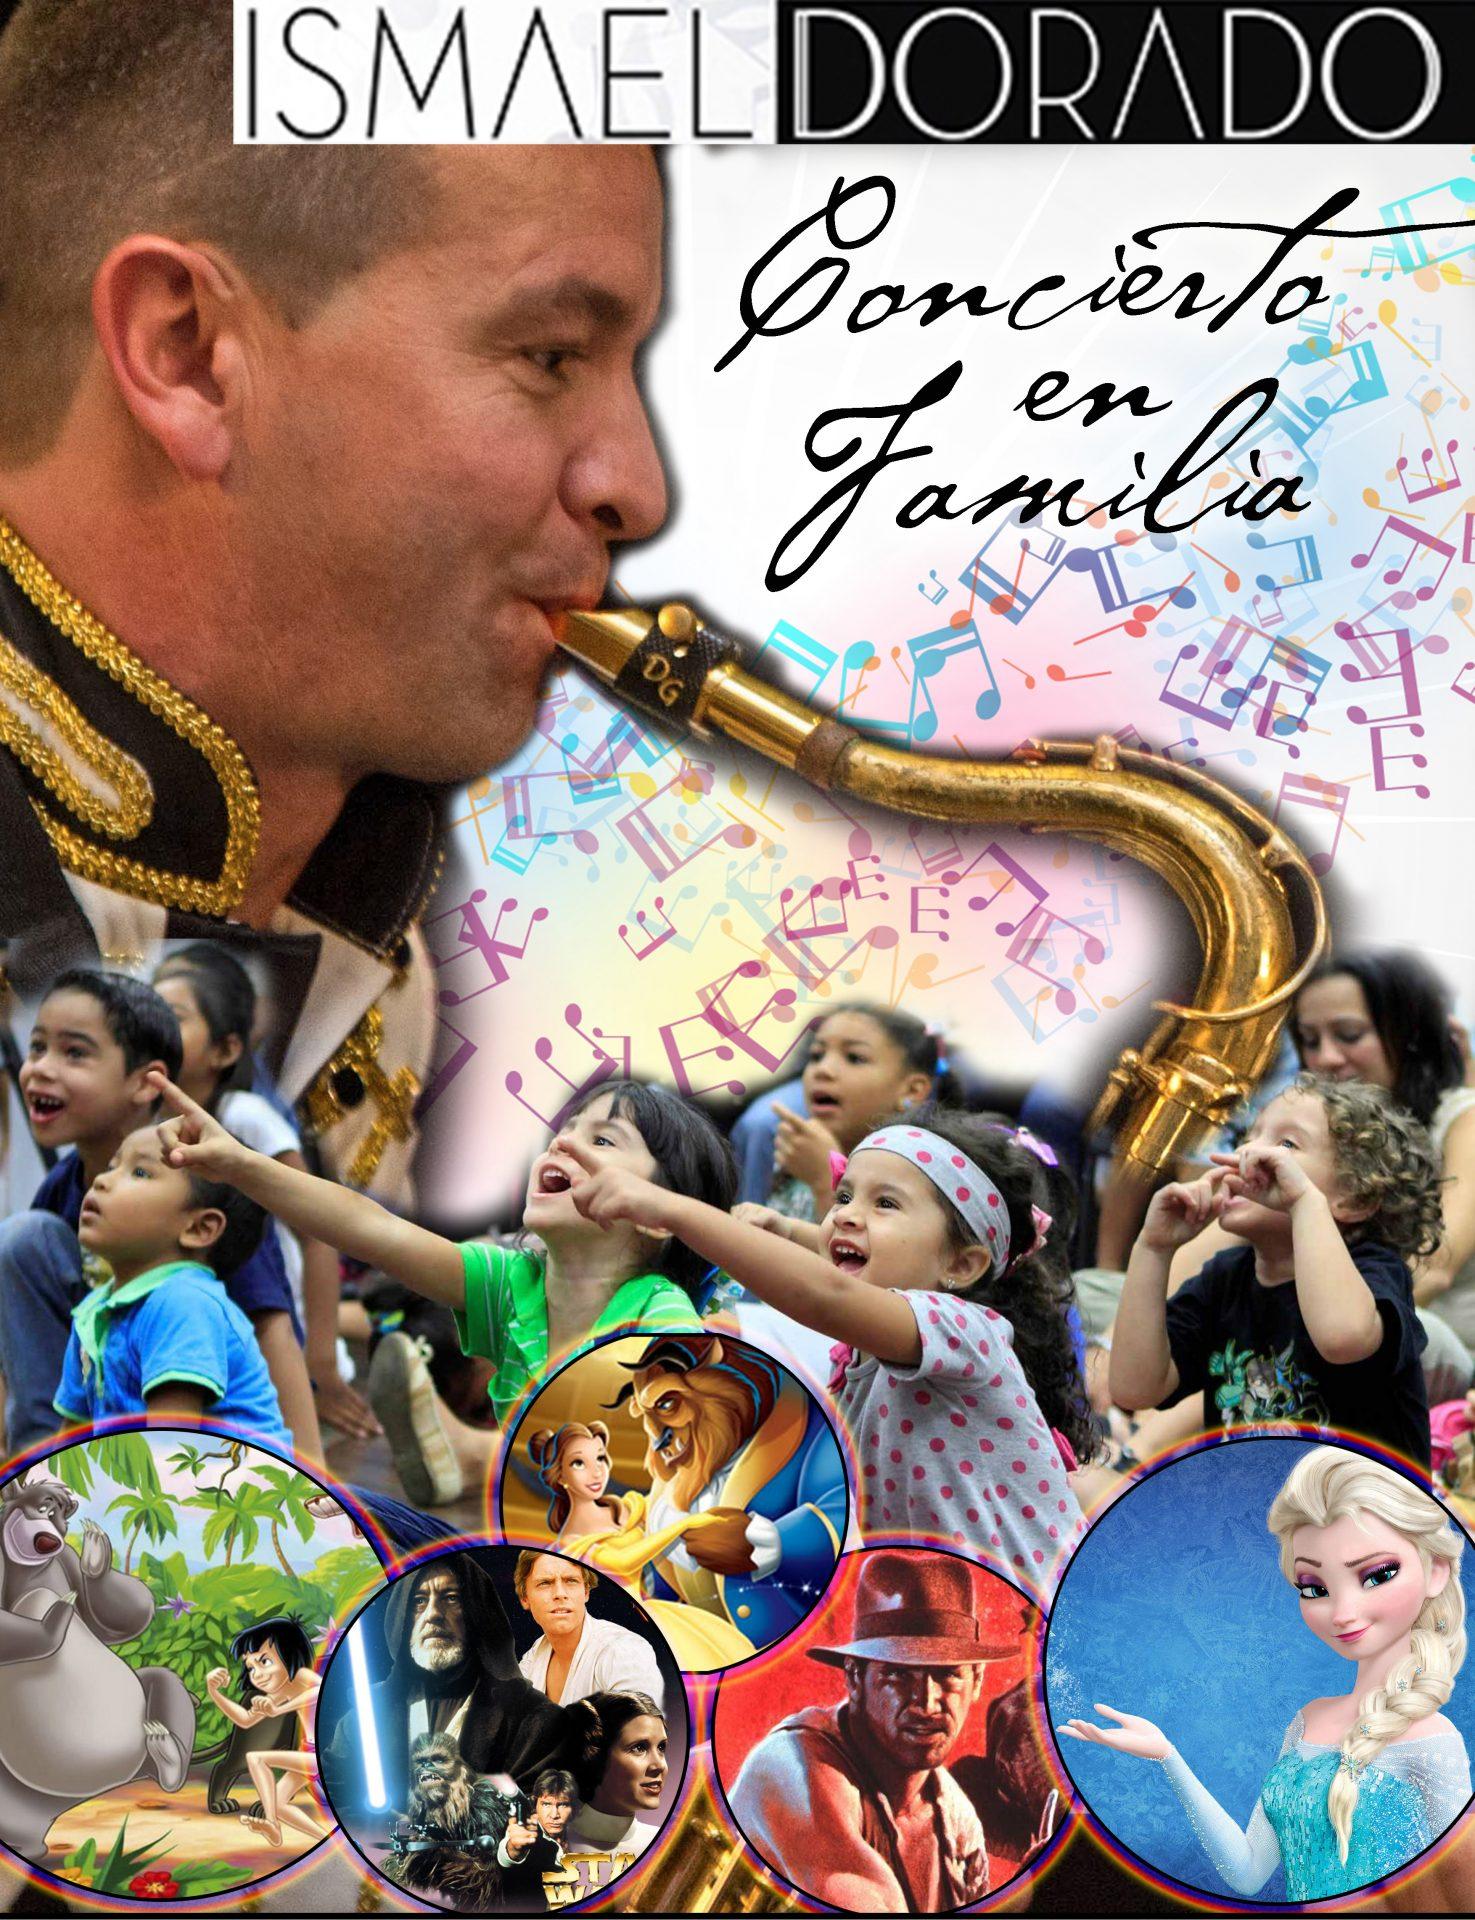 Concierto en familia: Ismael Dorado